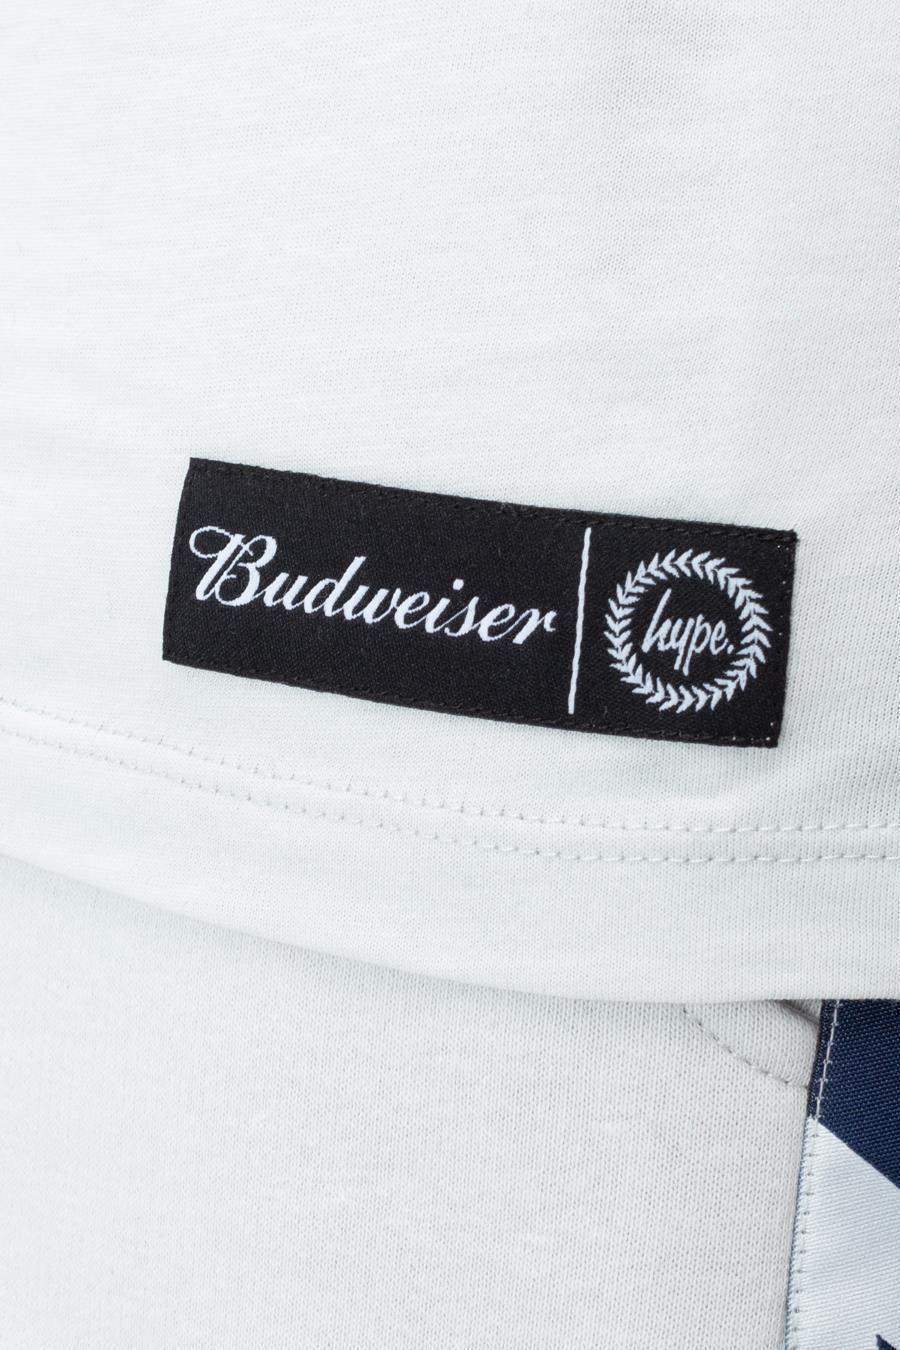 Hype Budweiser Logo Taping Mens T-Shirt